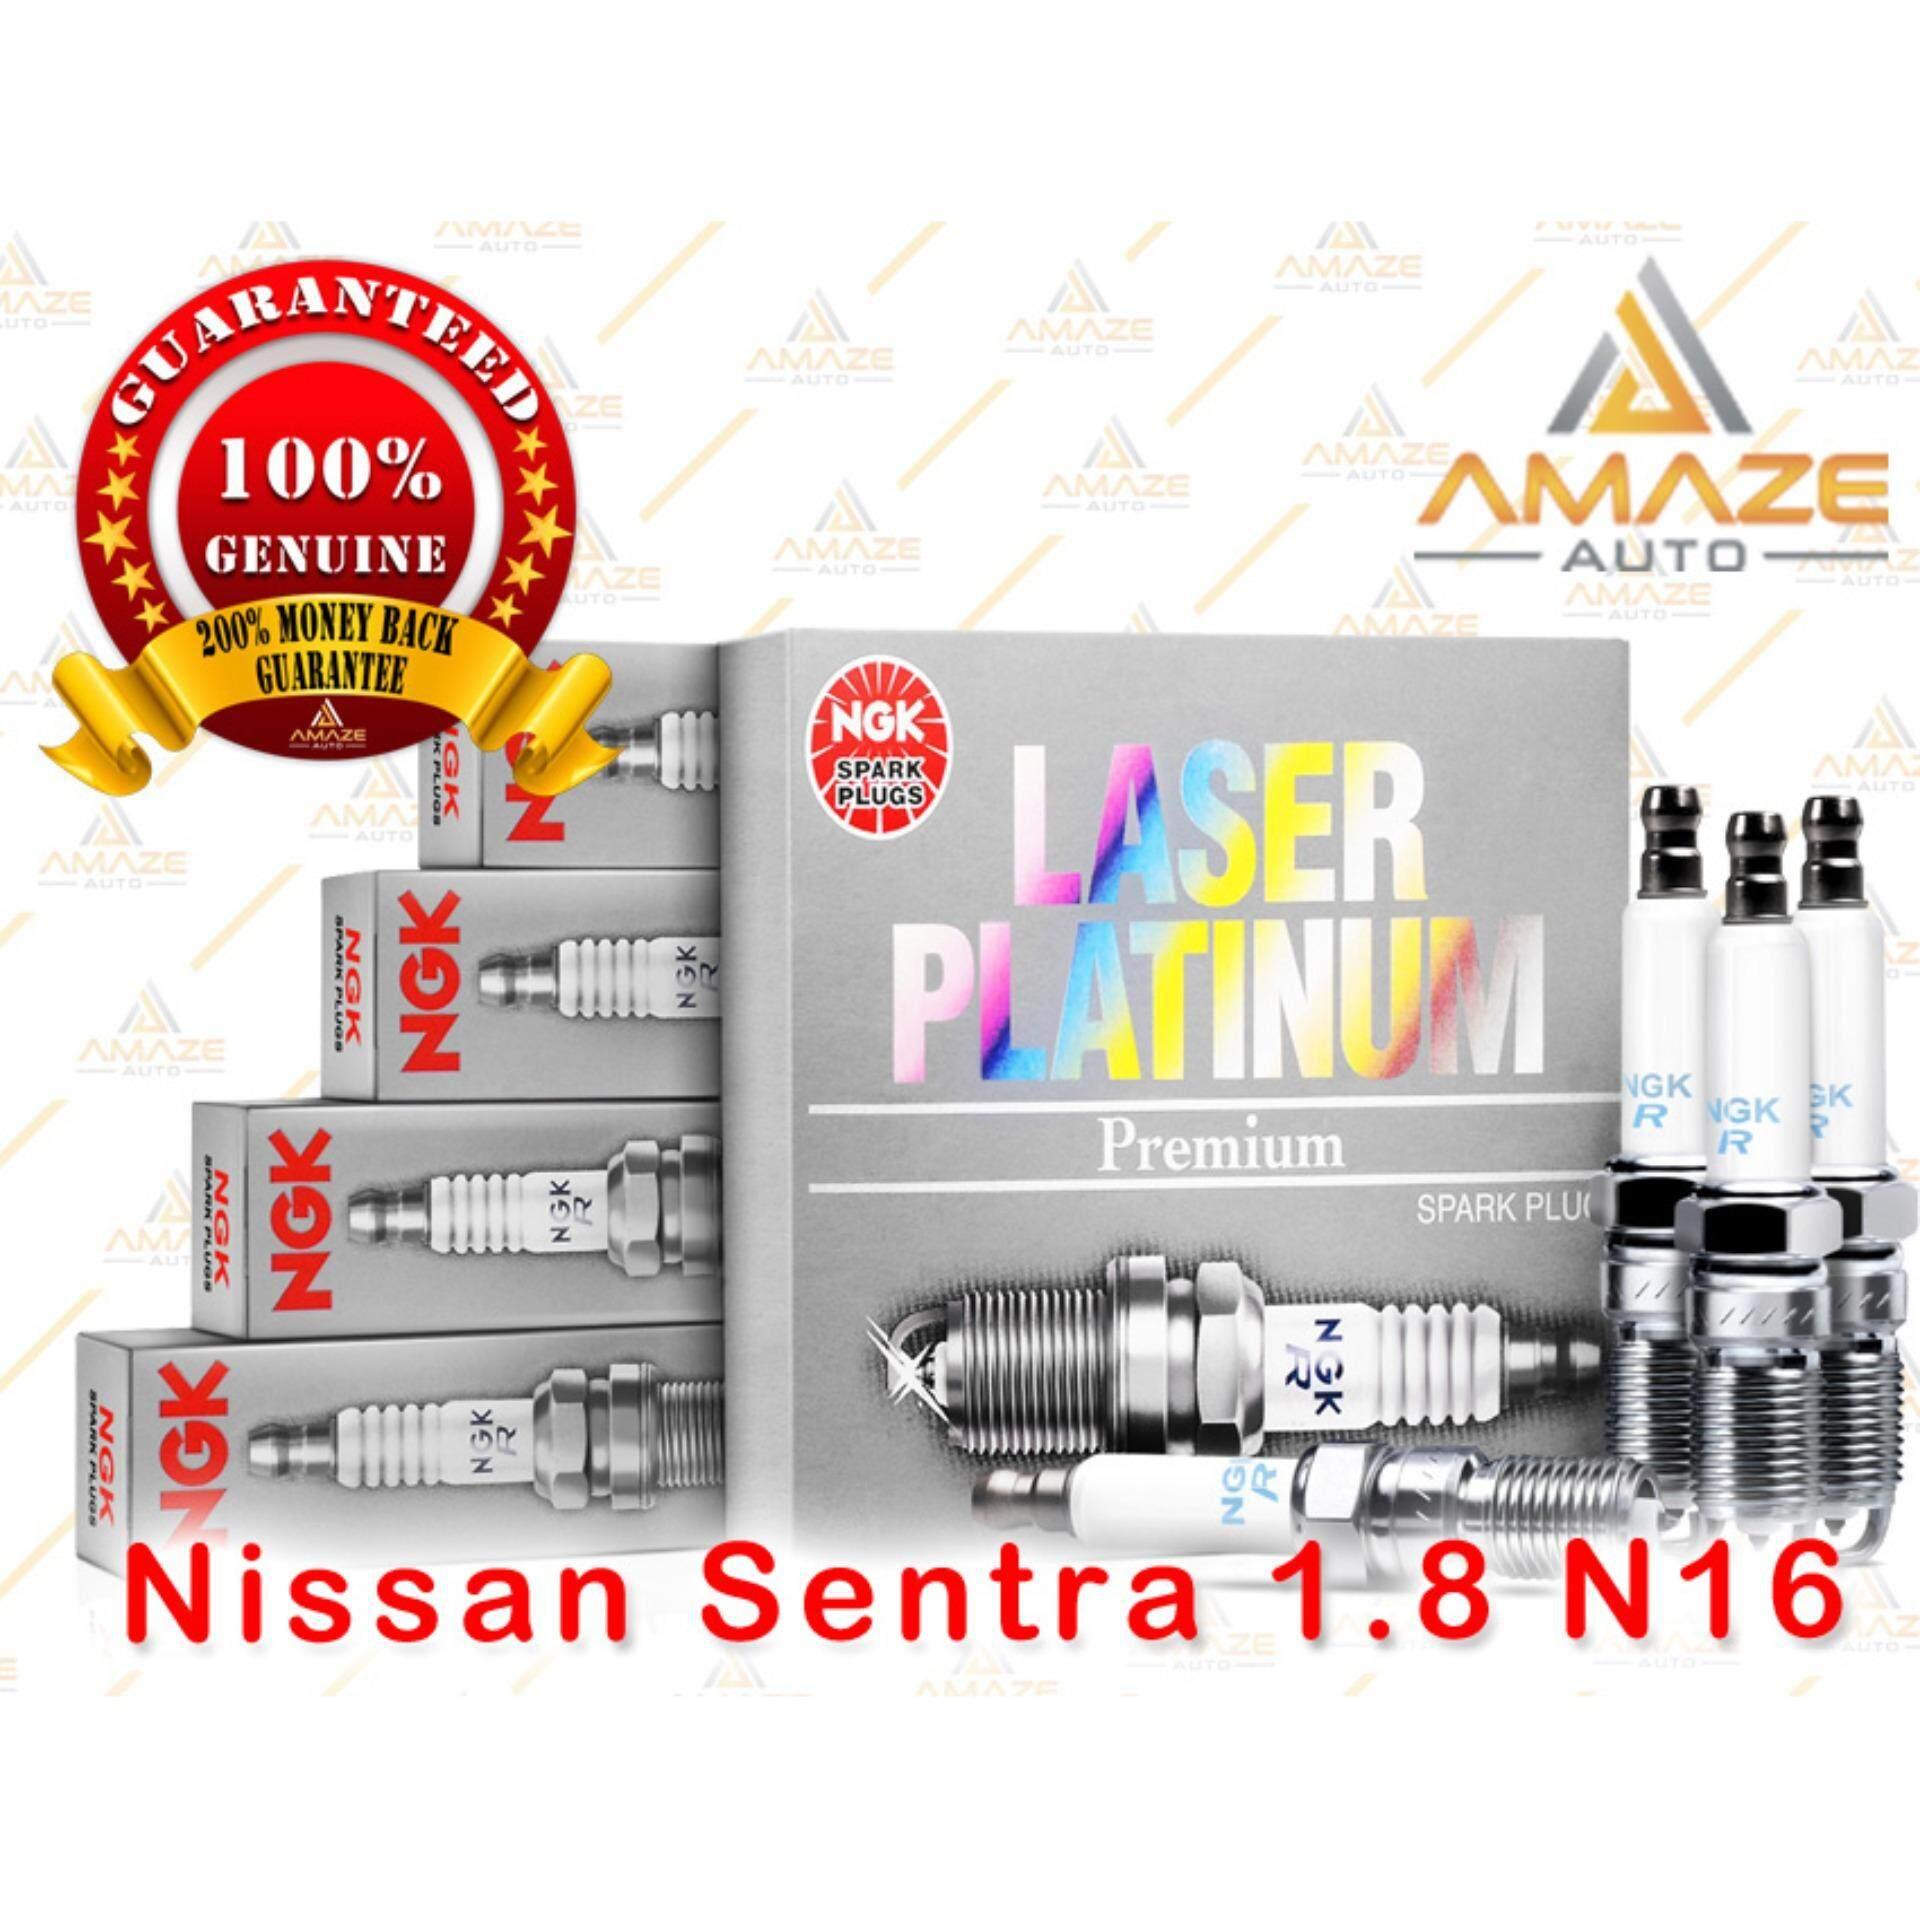 NGK Laser Platinum Spark Plug for Nissan Sentra 1.8 N16